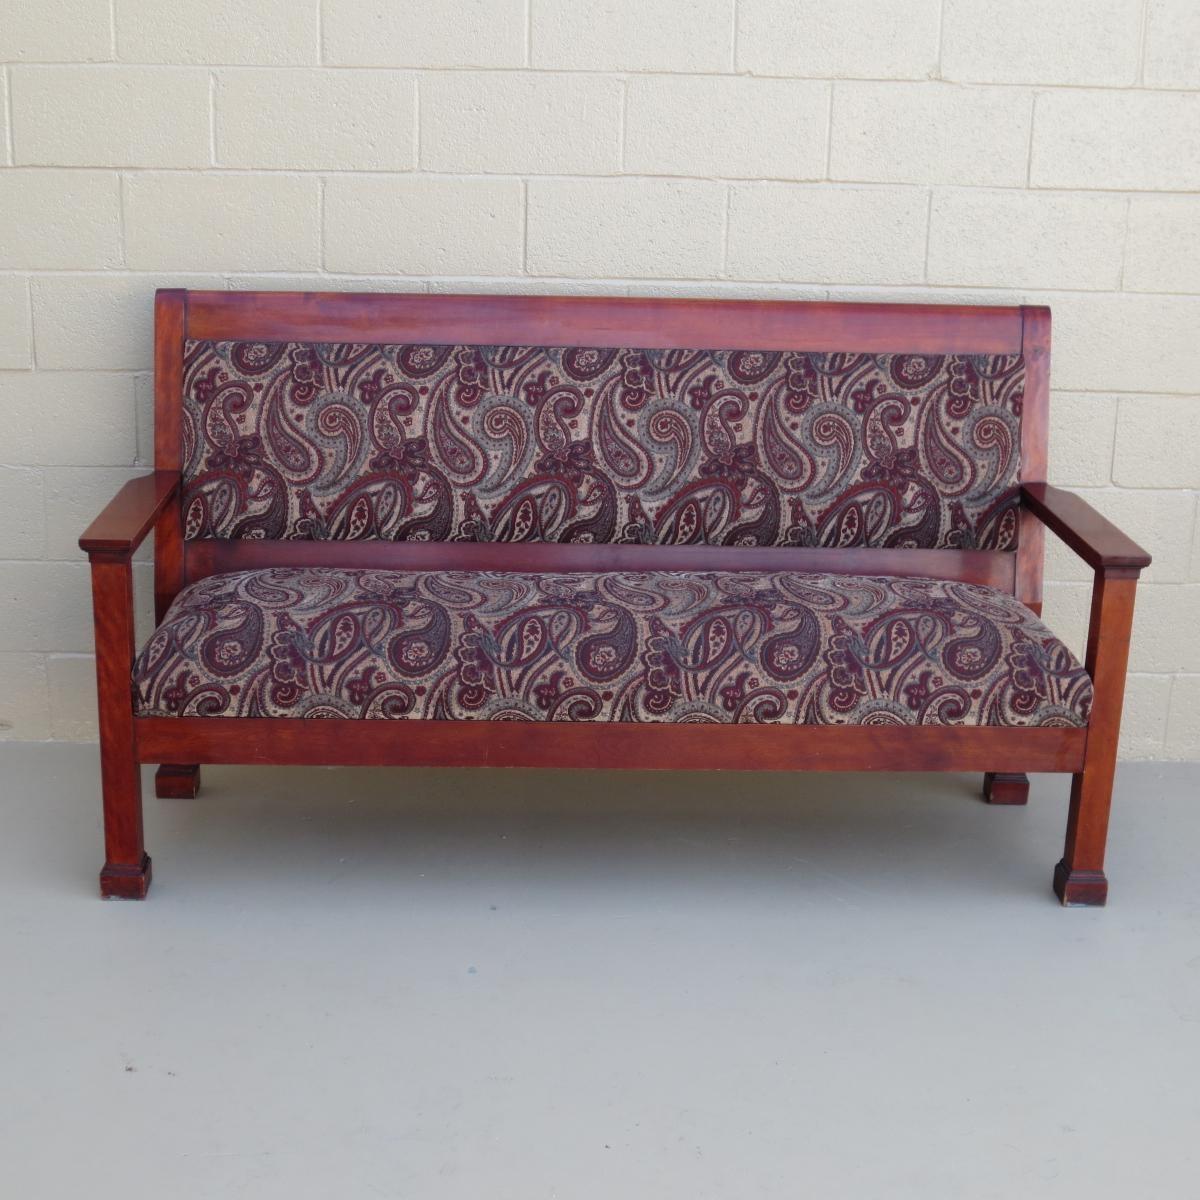 Antique Furniture, Antique Sofas, Antique Couches, Antique Living Pertaining To Antique Sofa Chairs (Image 1 of 20)